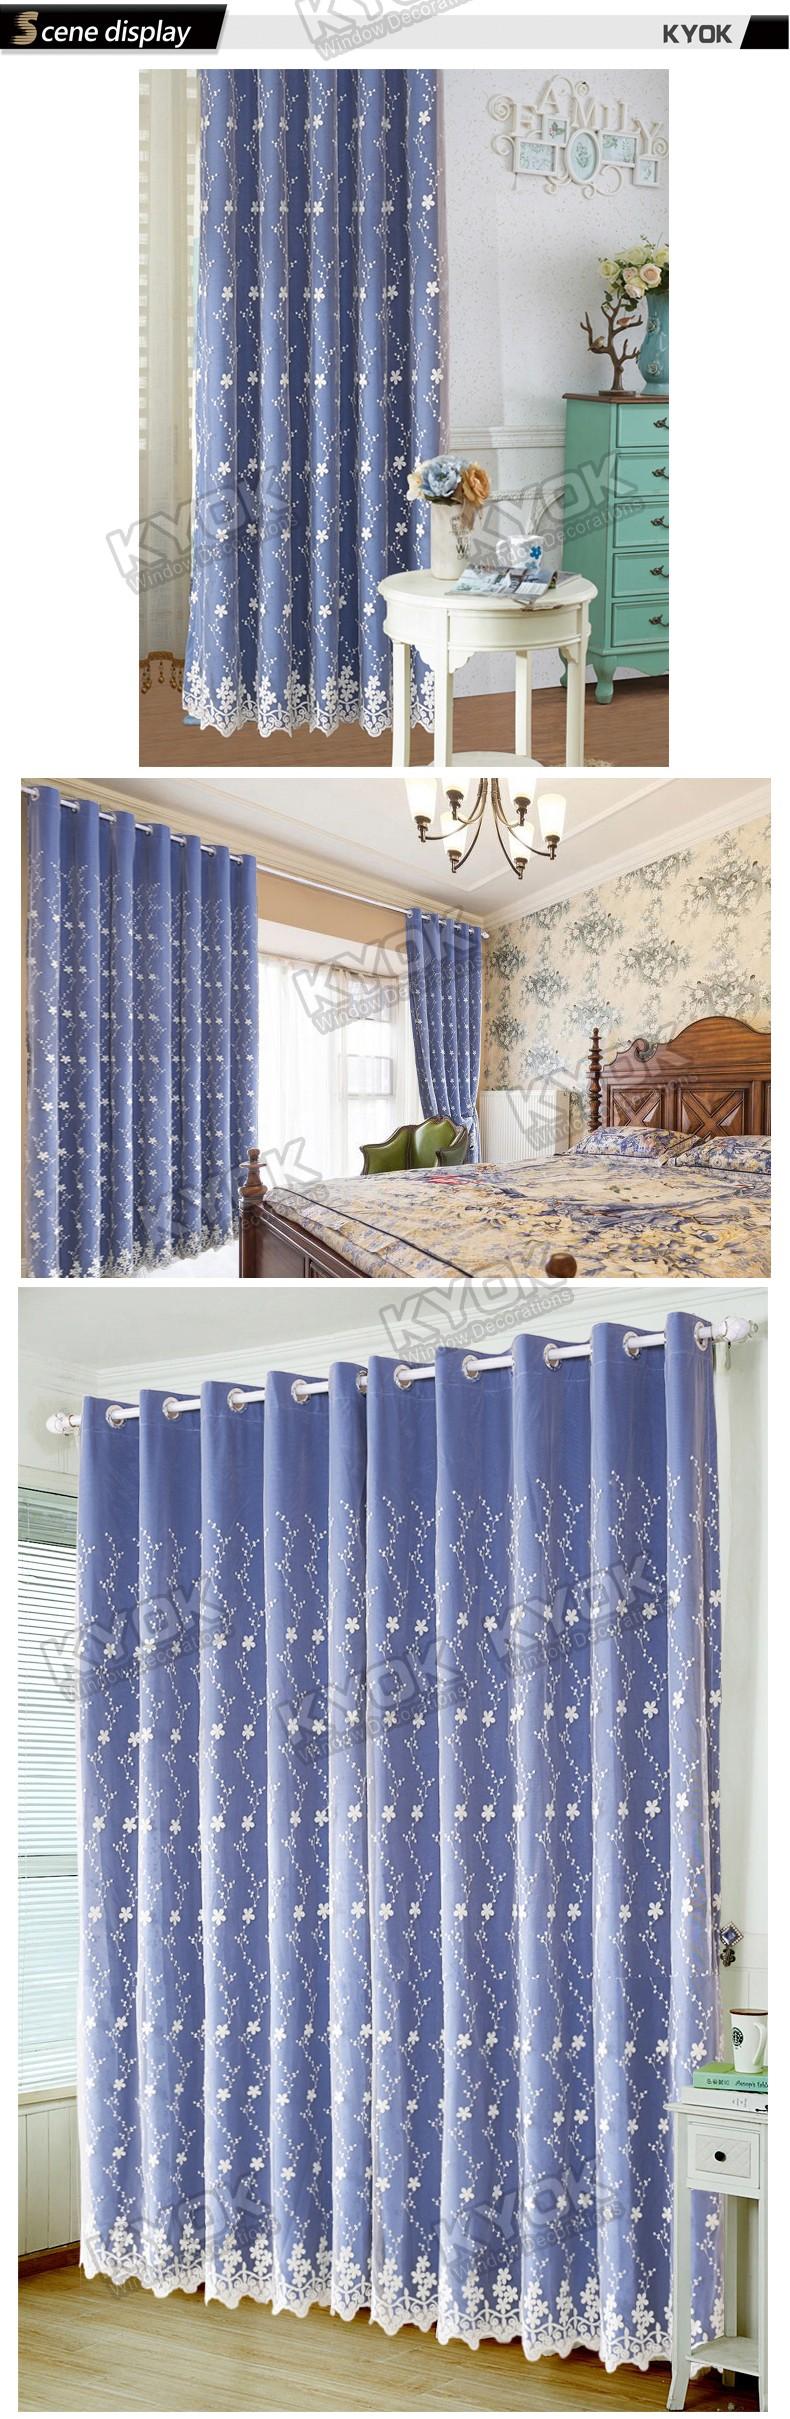 Kyok hoge kwaliteit unieke gordijn ontwerp voor woonkamer gordijn ...